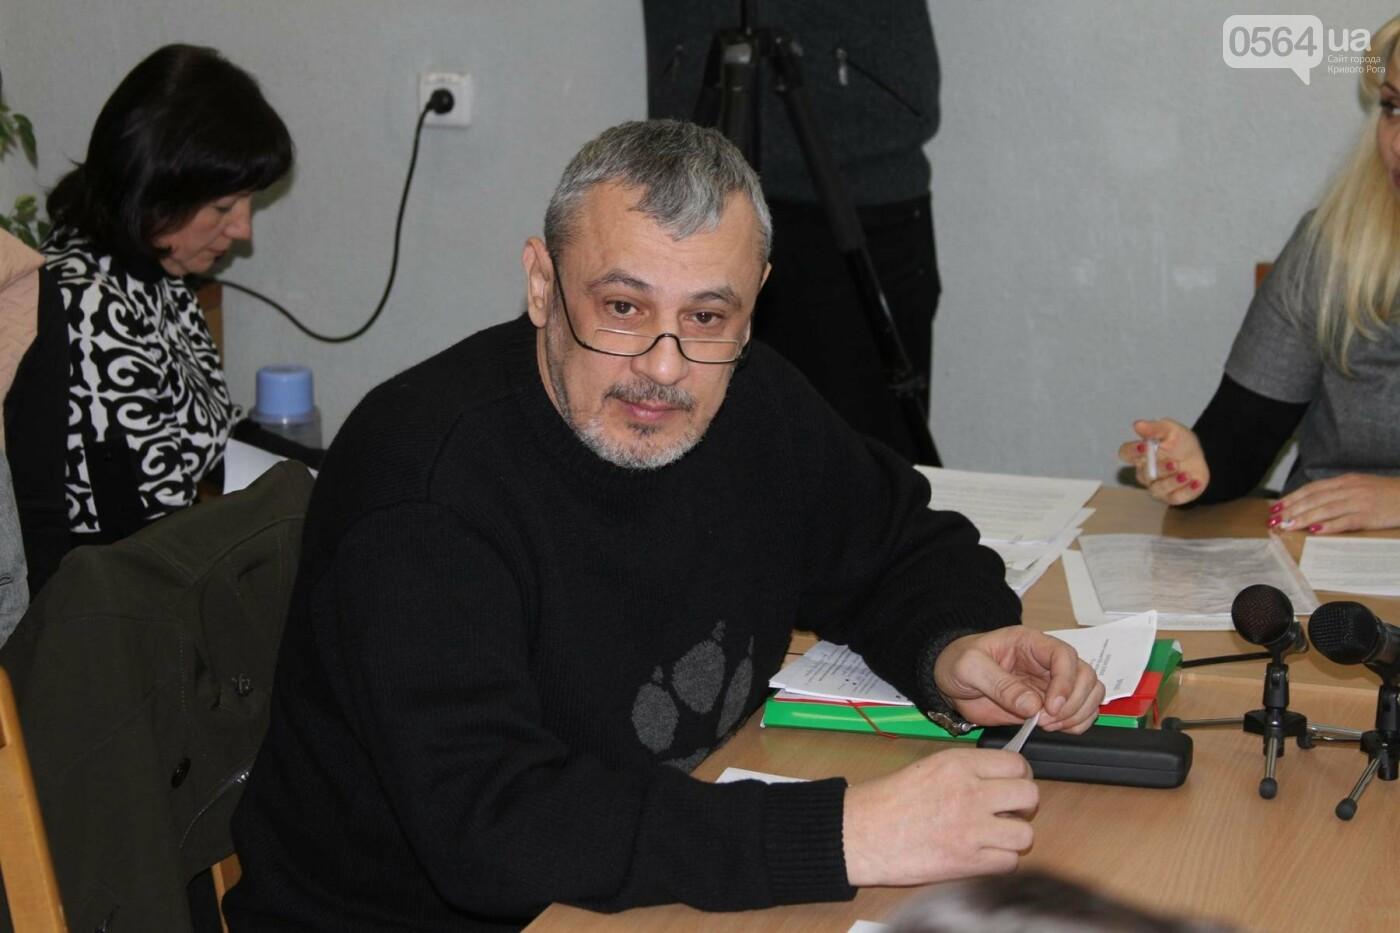 Криворожские депутаты из комиссии по этике и дисциплине со второй попытки не смогли собраться (ФОТО), фото-1